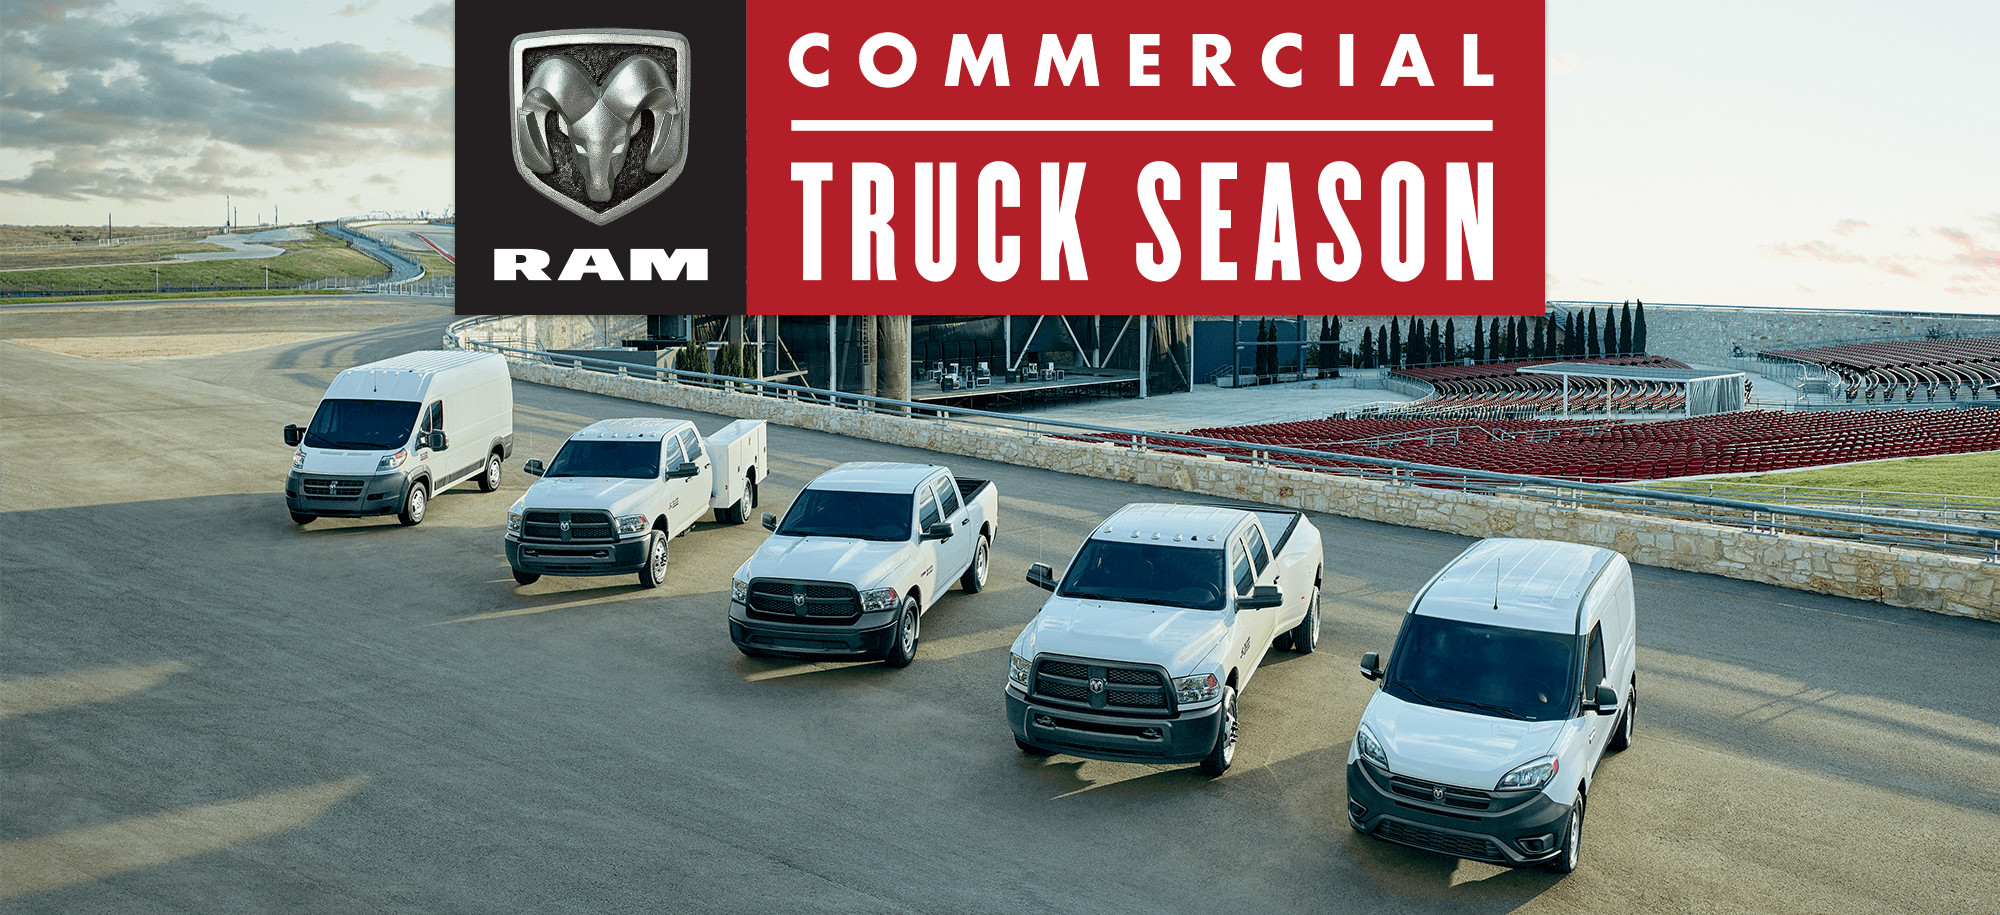 Commercial Truck Season at Millsboro CDJR